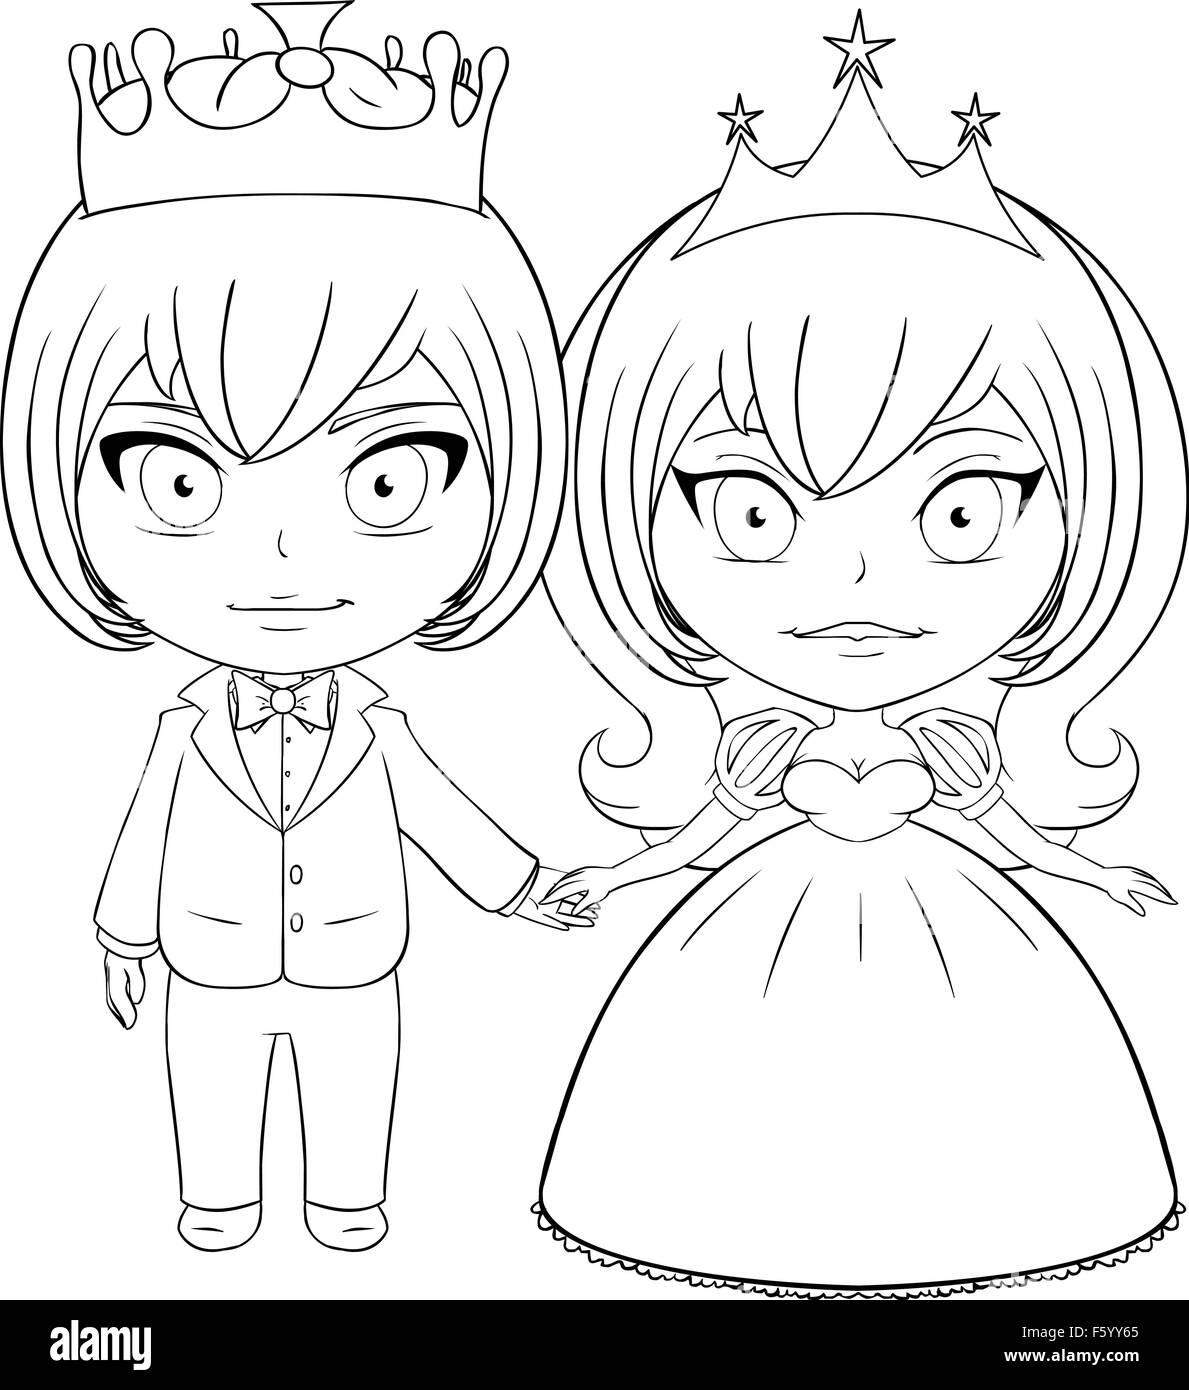 Página para colorear la ilustración vectorial de un príncipe y la ...